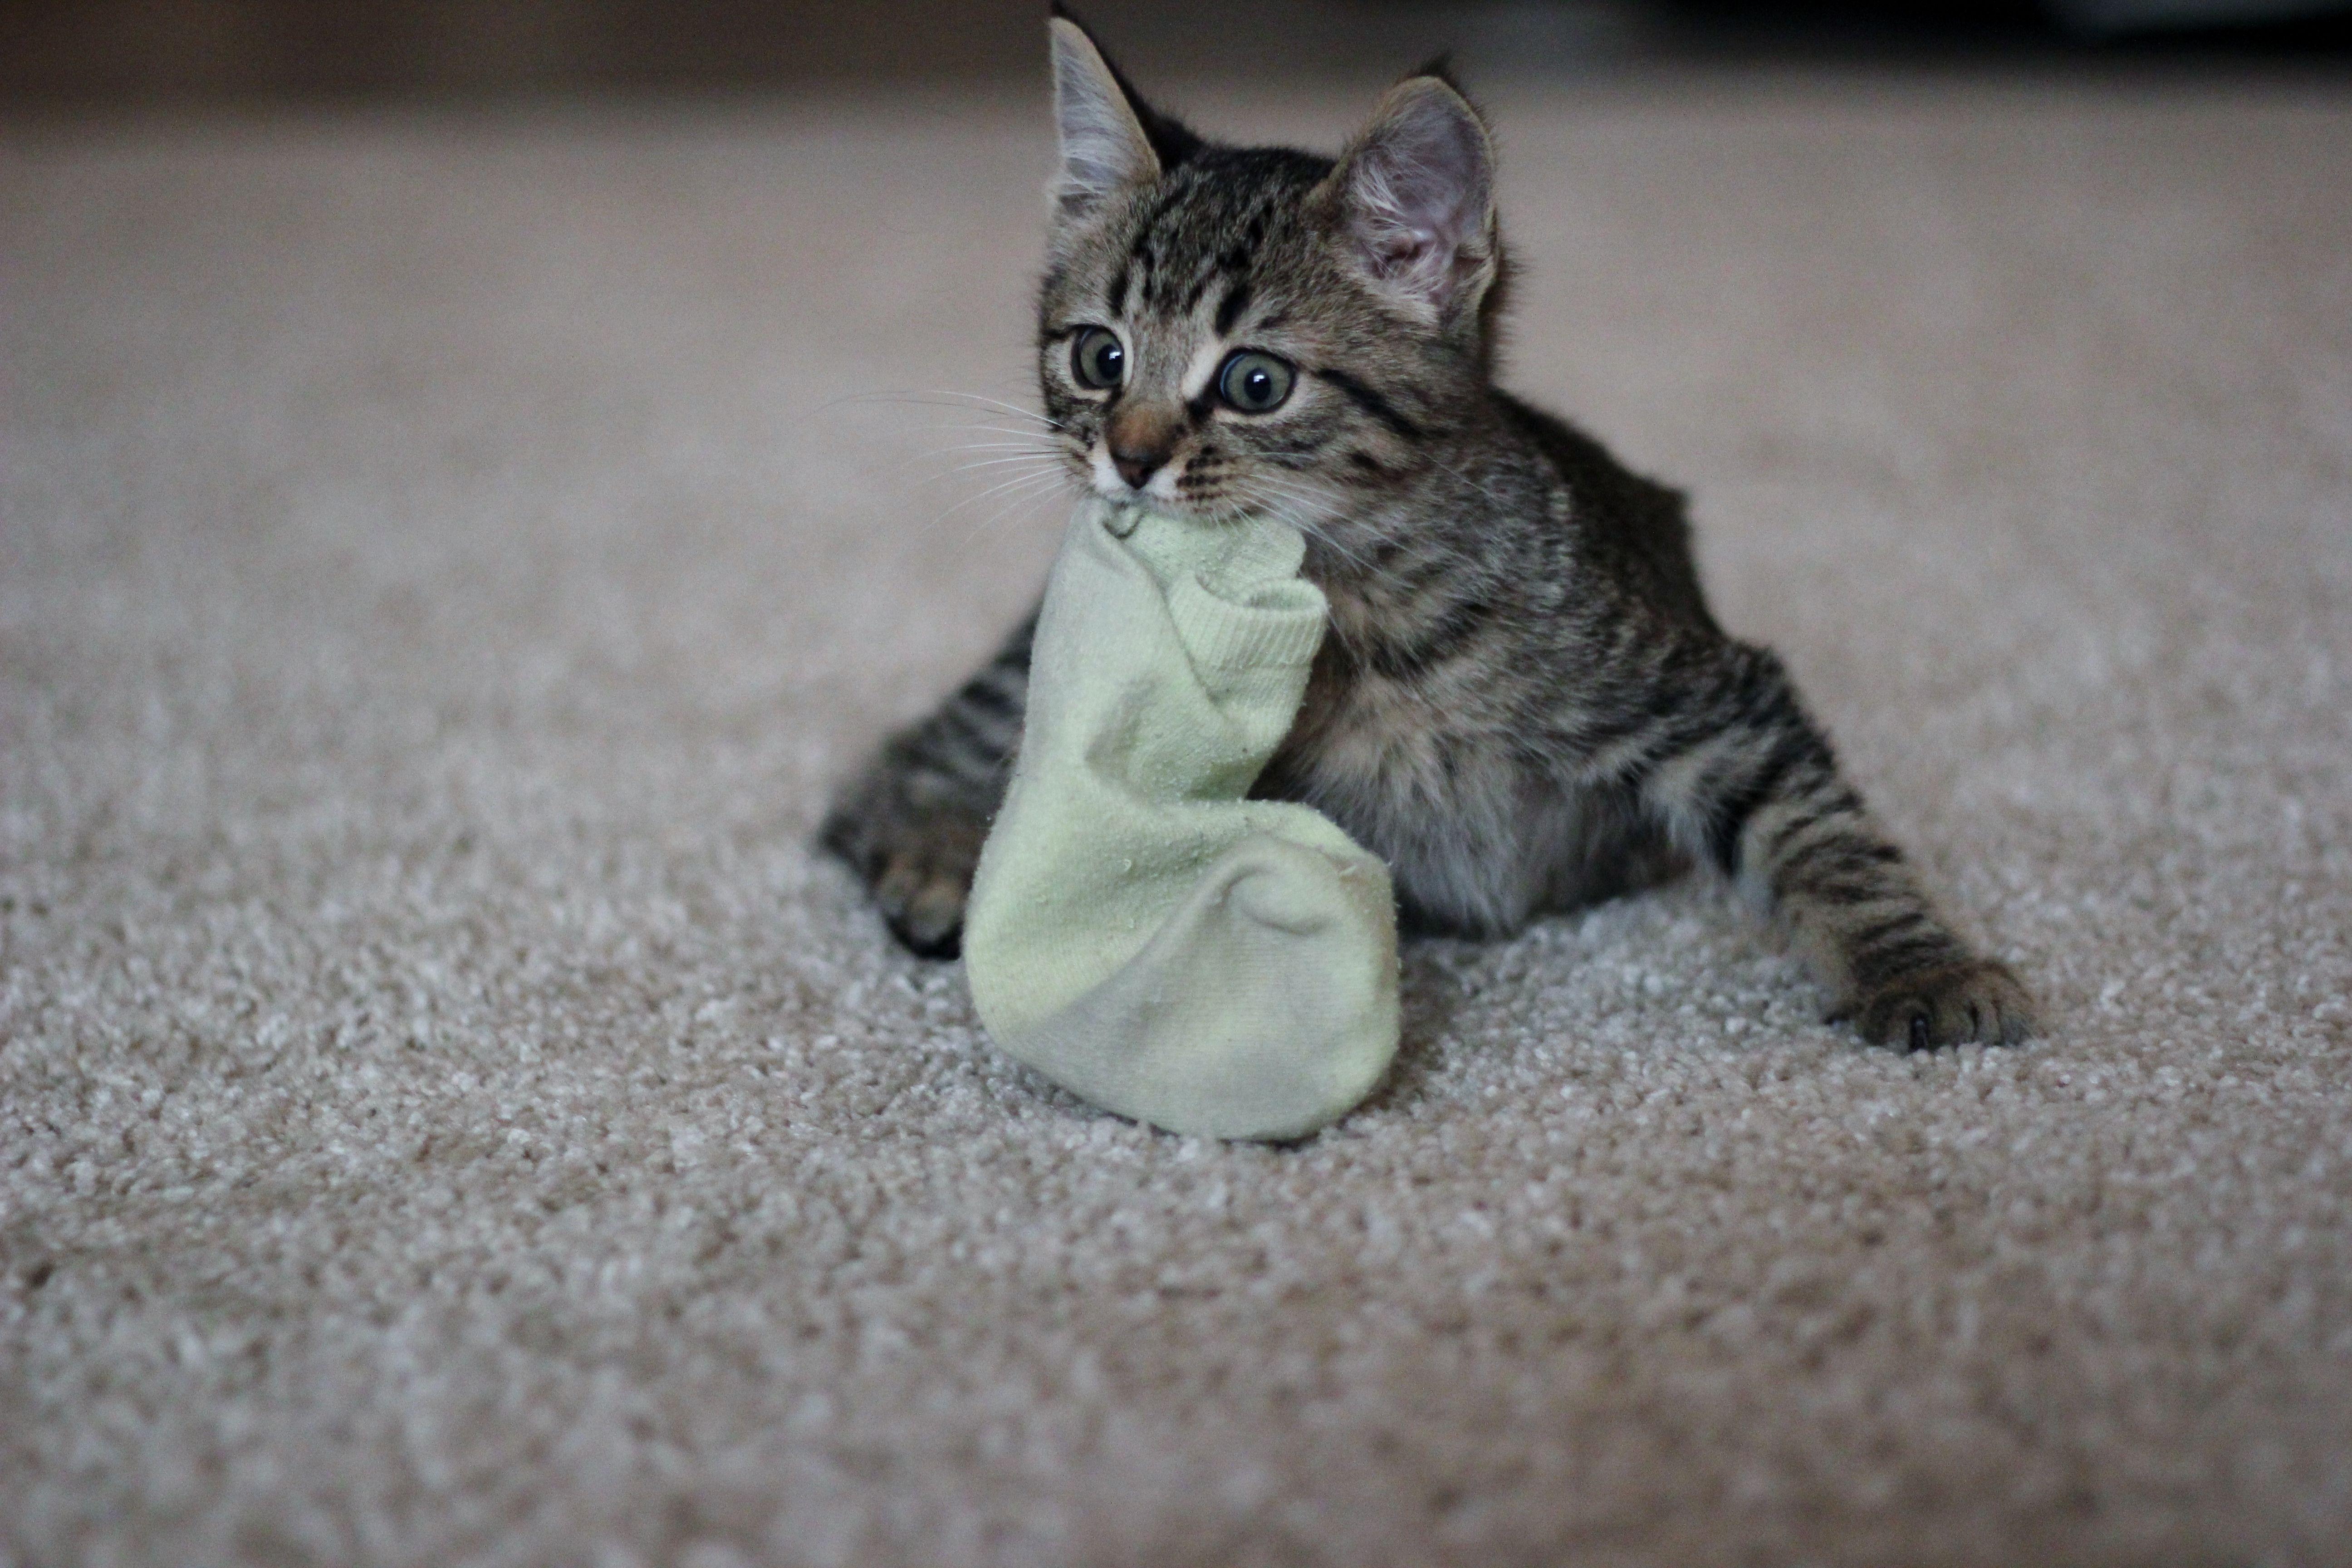 Cute Tabby Kitten Loves Socks I Likes Your Sokkies Tabby Kitten Kitten Love Tabby